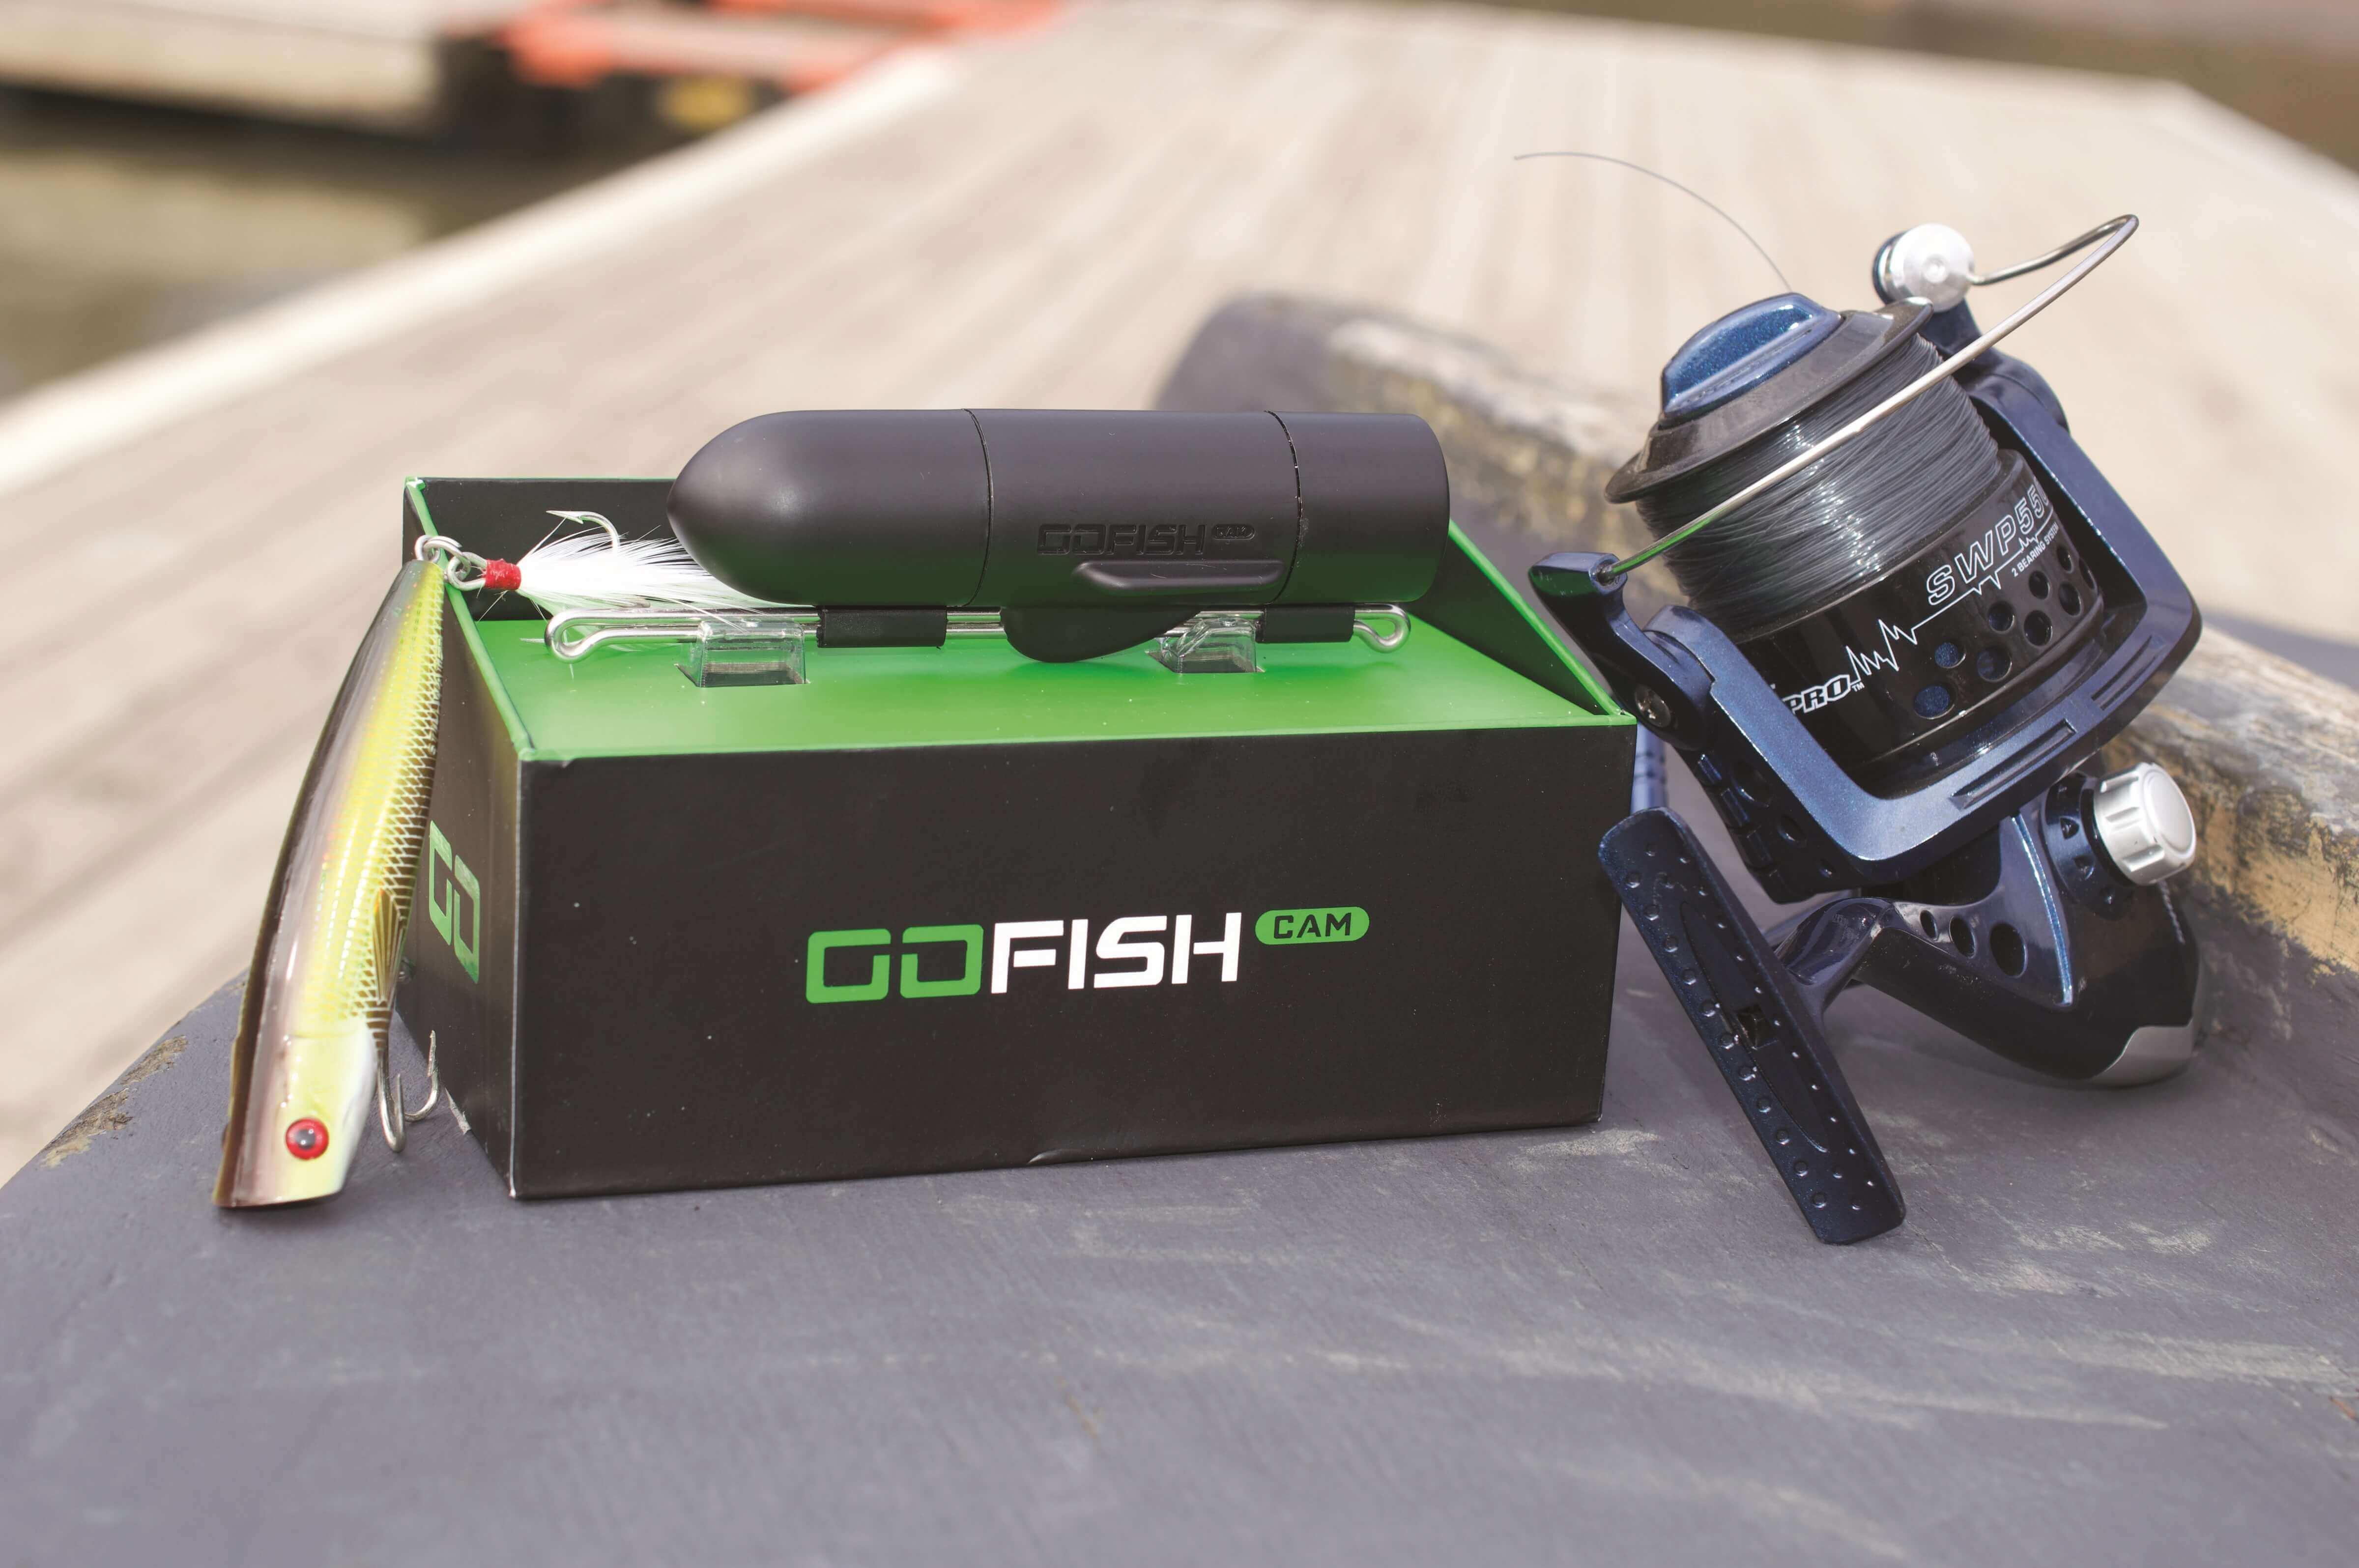 Go-Fish cam